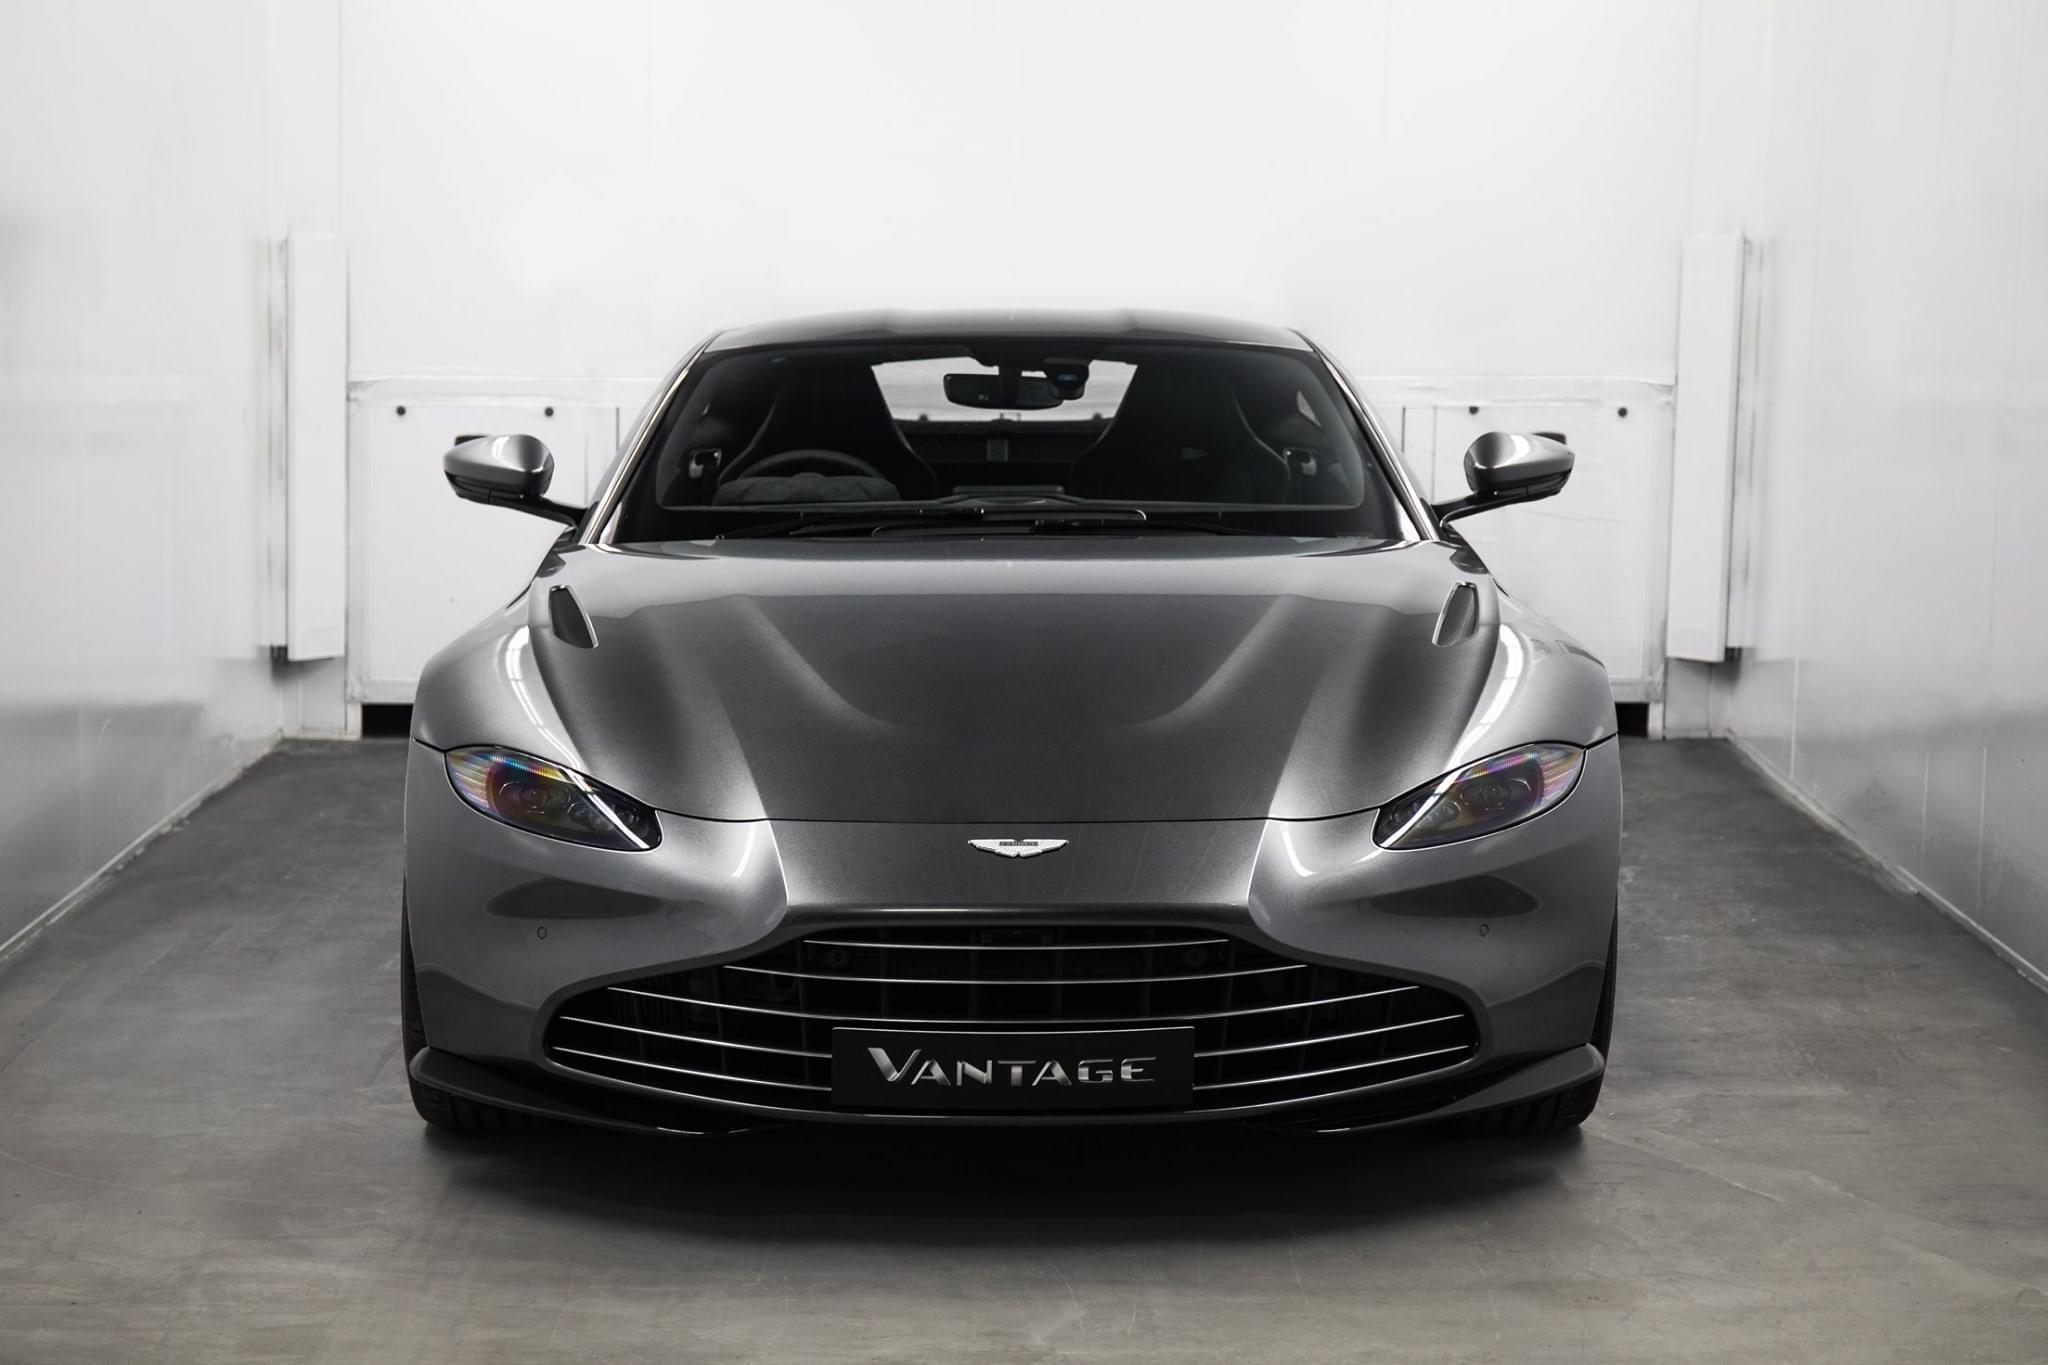 Aston_Martin_Vantage_Vane_grille_0009